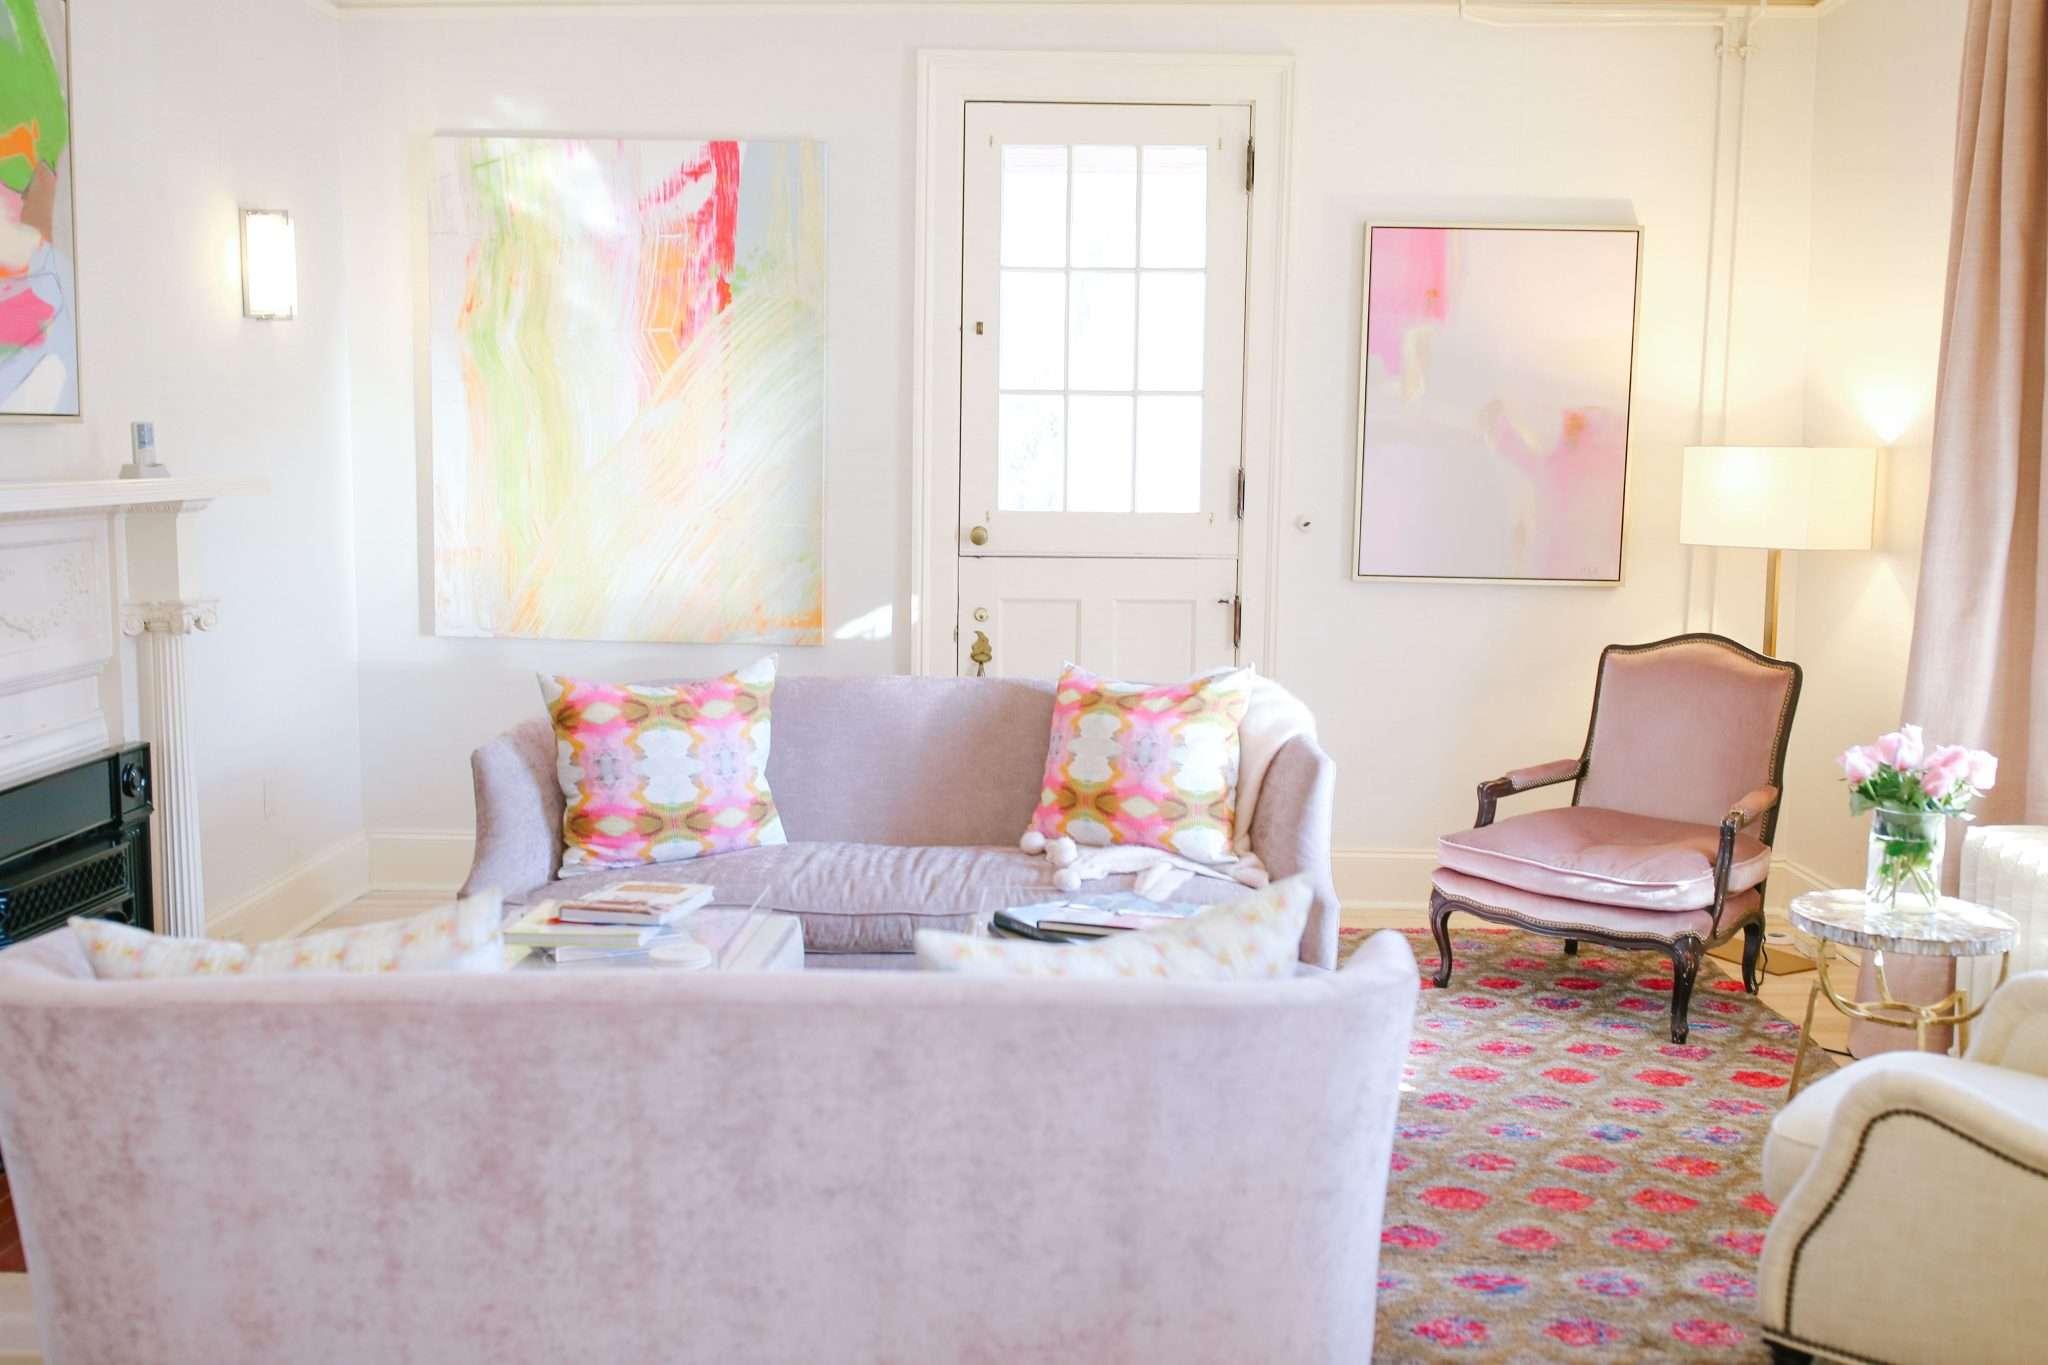 Luxury inn, 33 Main, by Annie Selke in the Berkshires // Rhyme & Reason